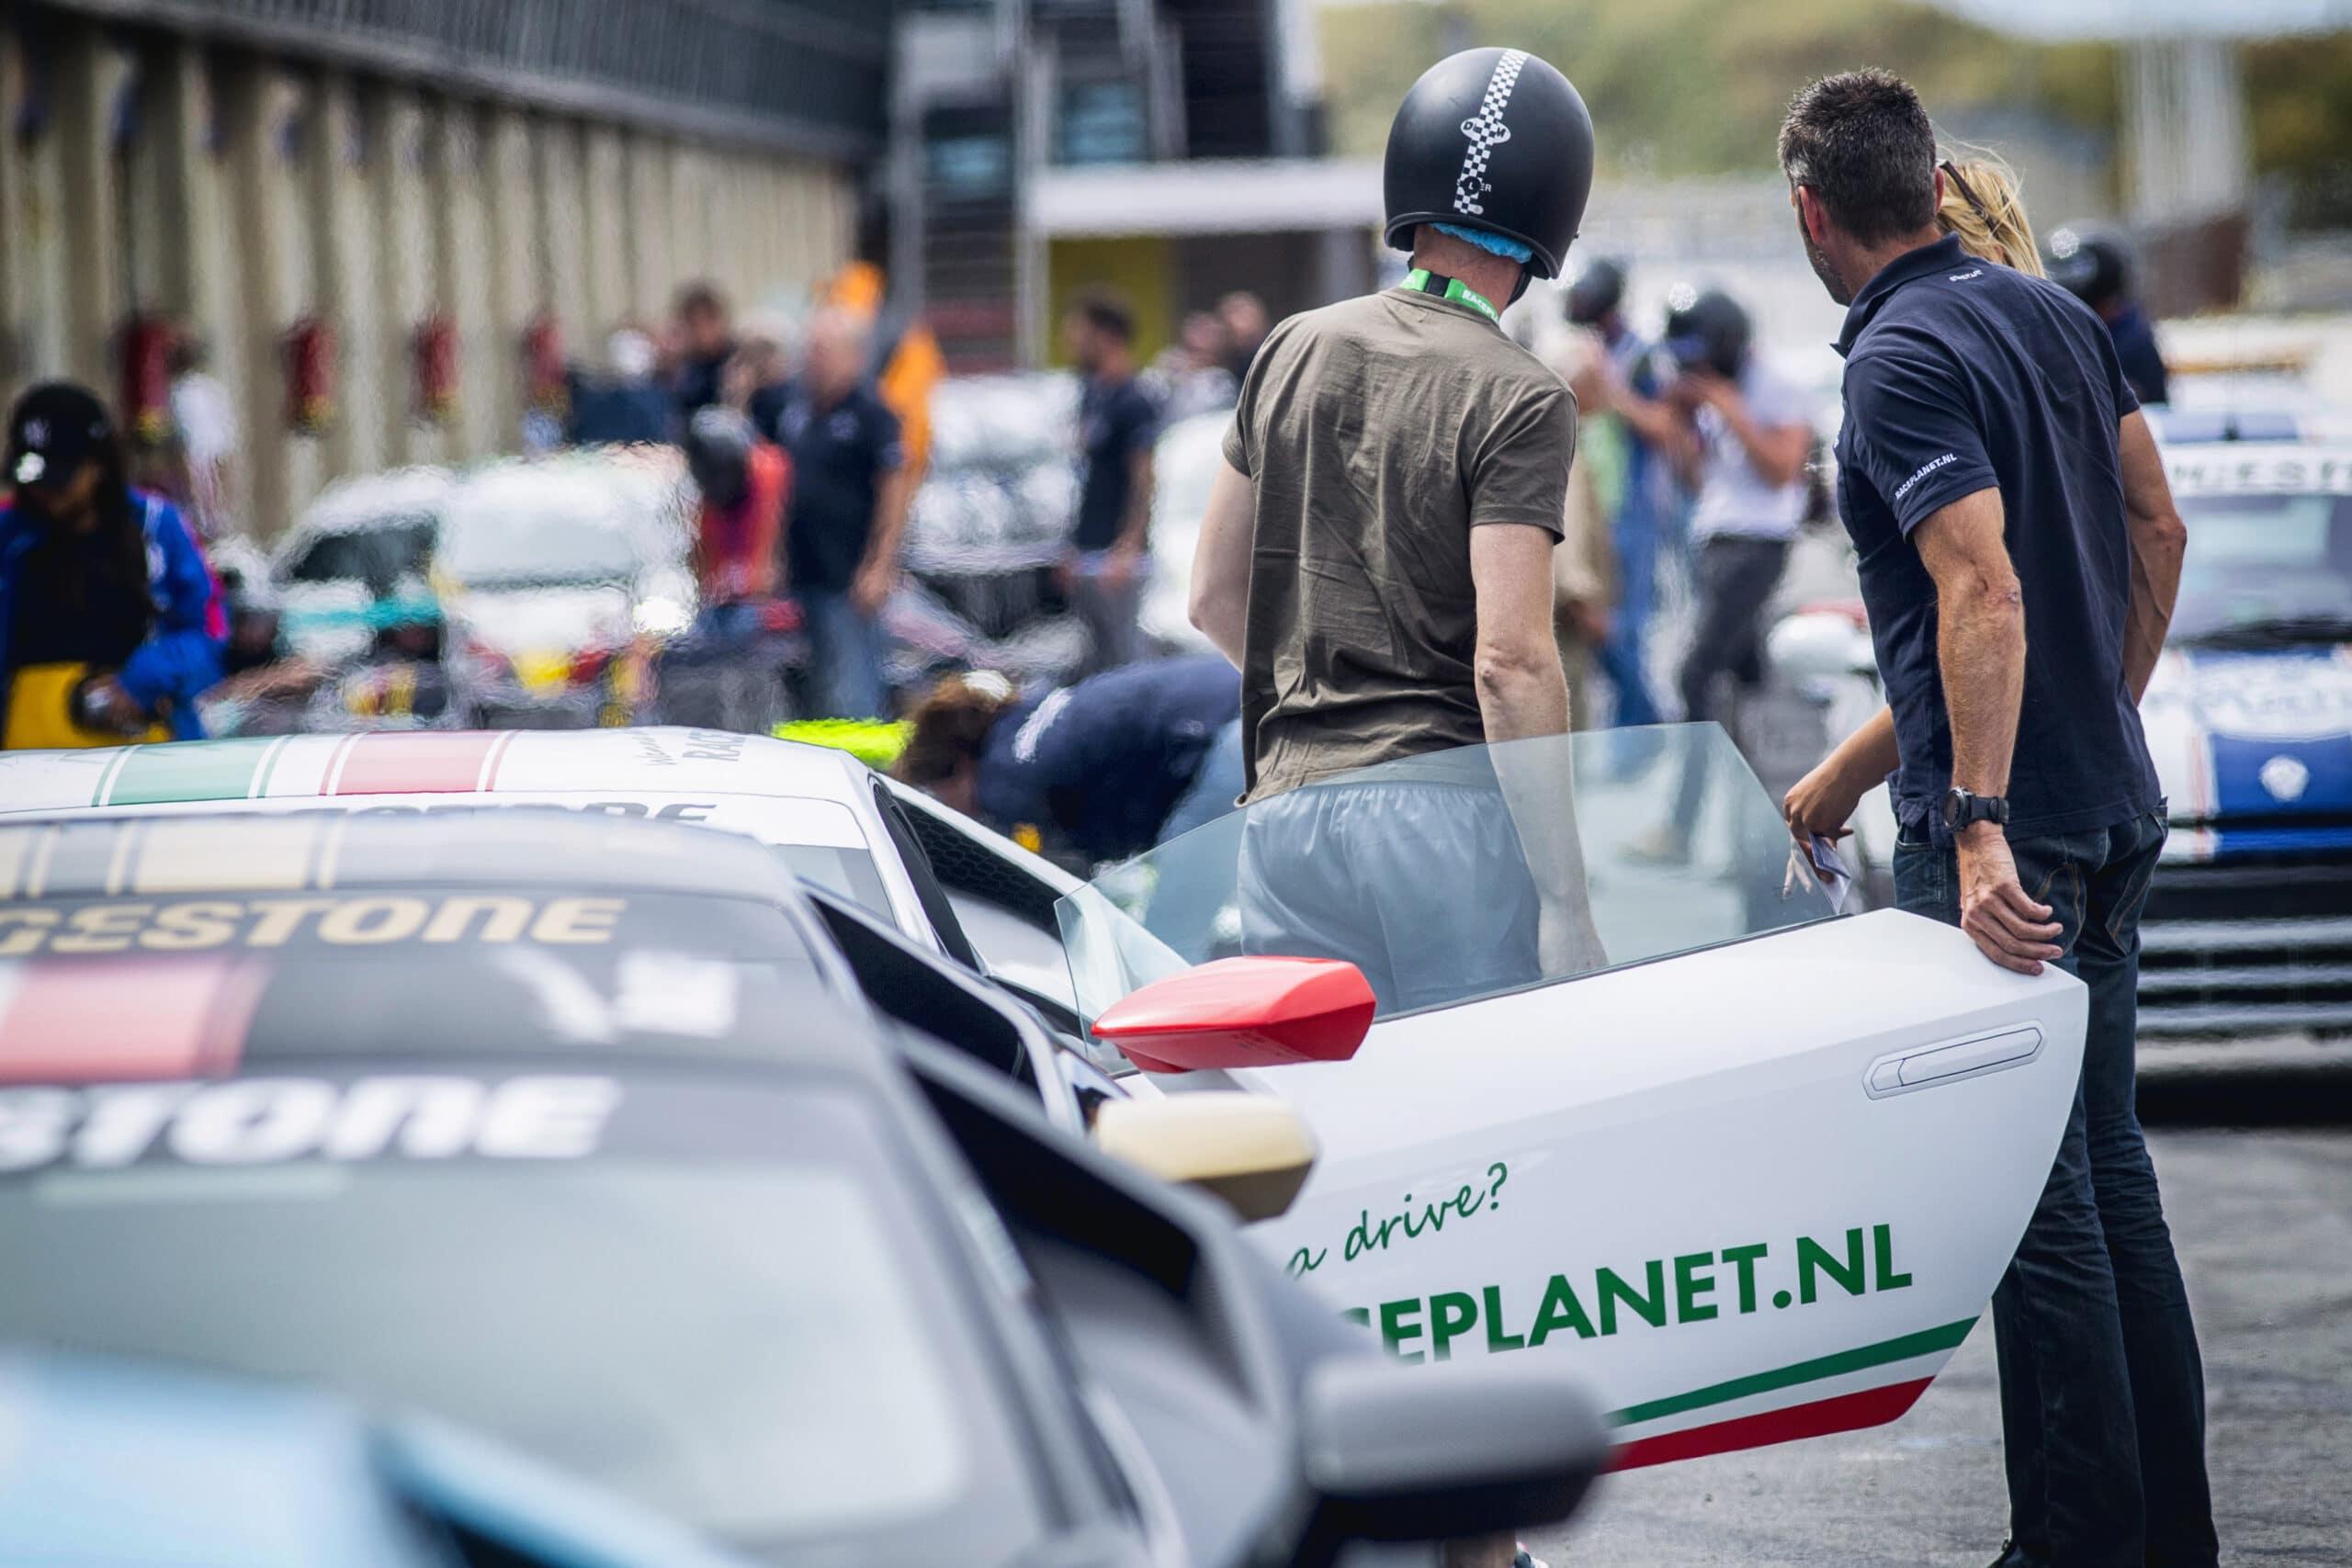 Stap maar in bij Race Planet op Circuit Zandvoort en rij in al je droomauto's zoals de witte Lamborghini